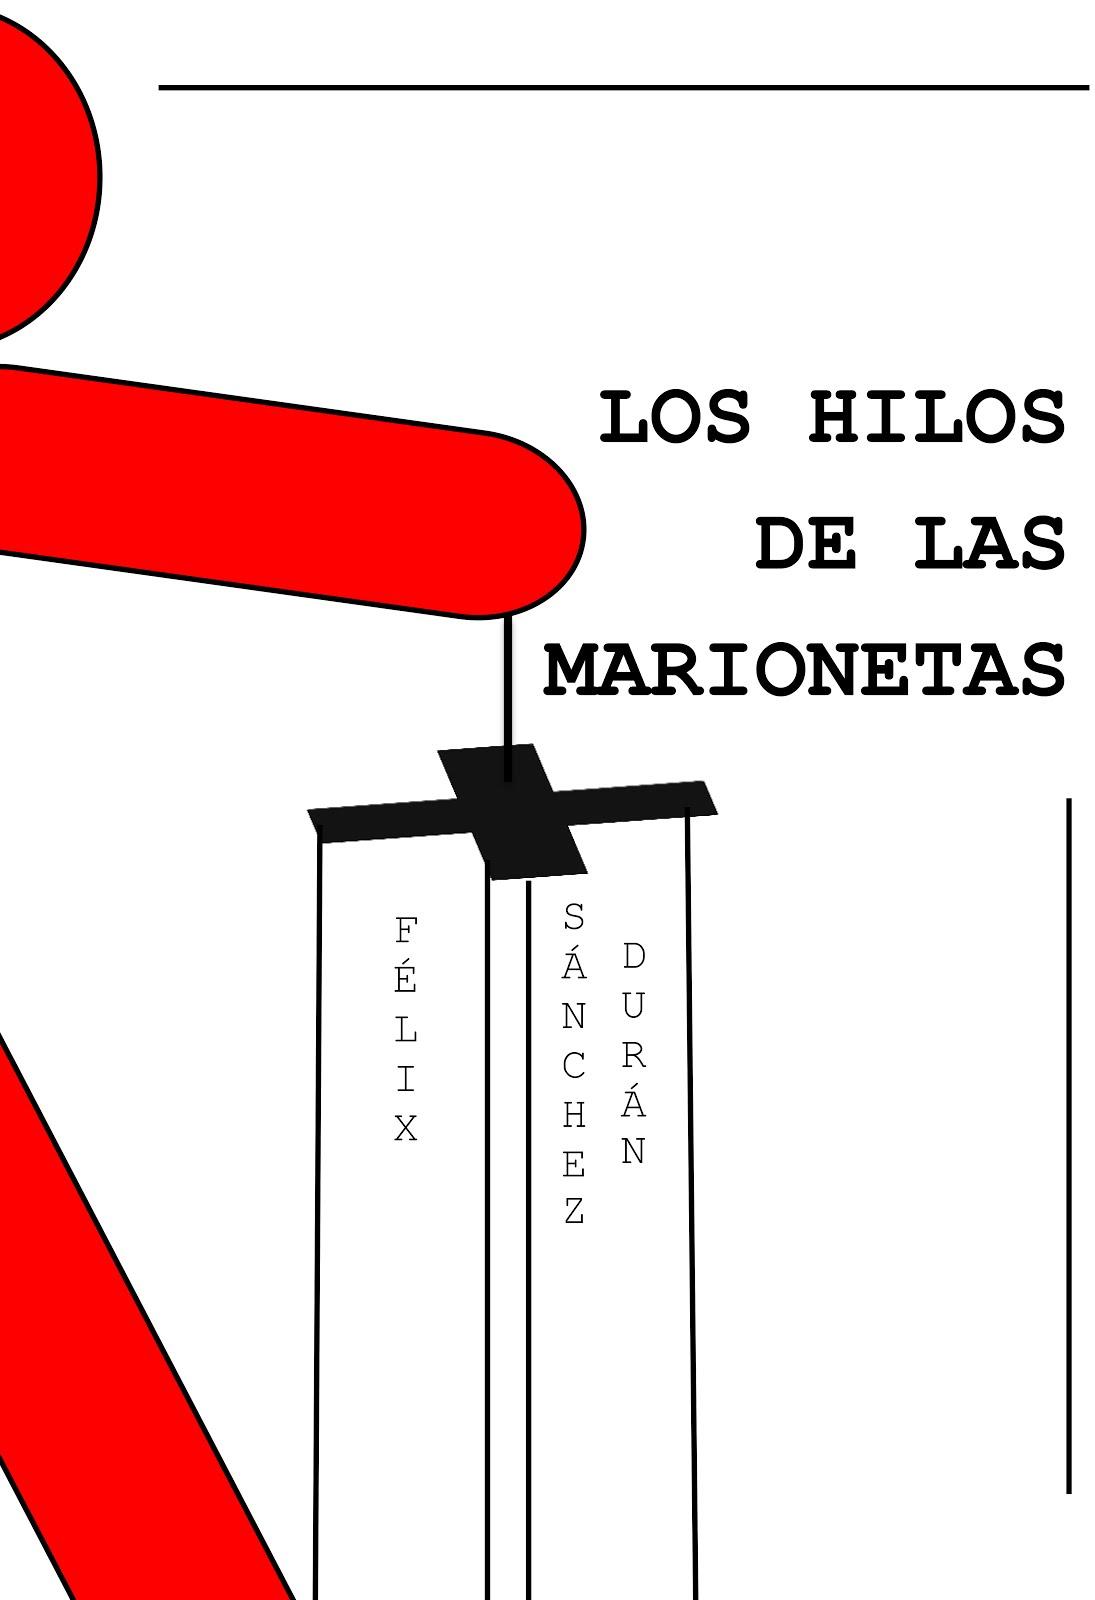 Los hilos de las marionetas - Libro (epub/pdf), en Archive.org...